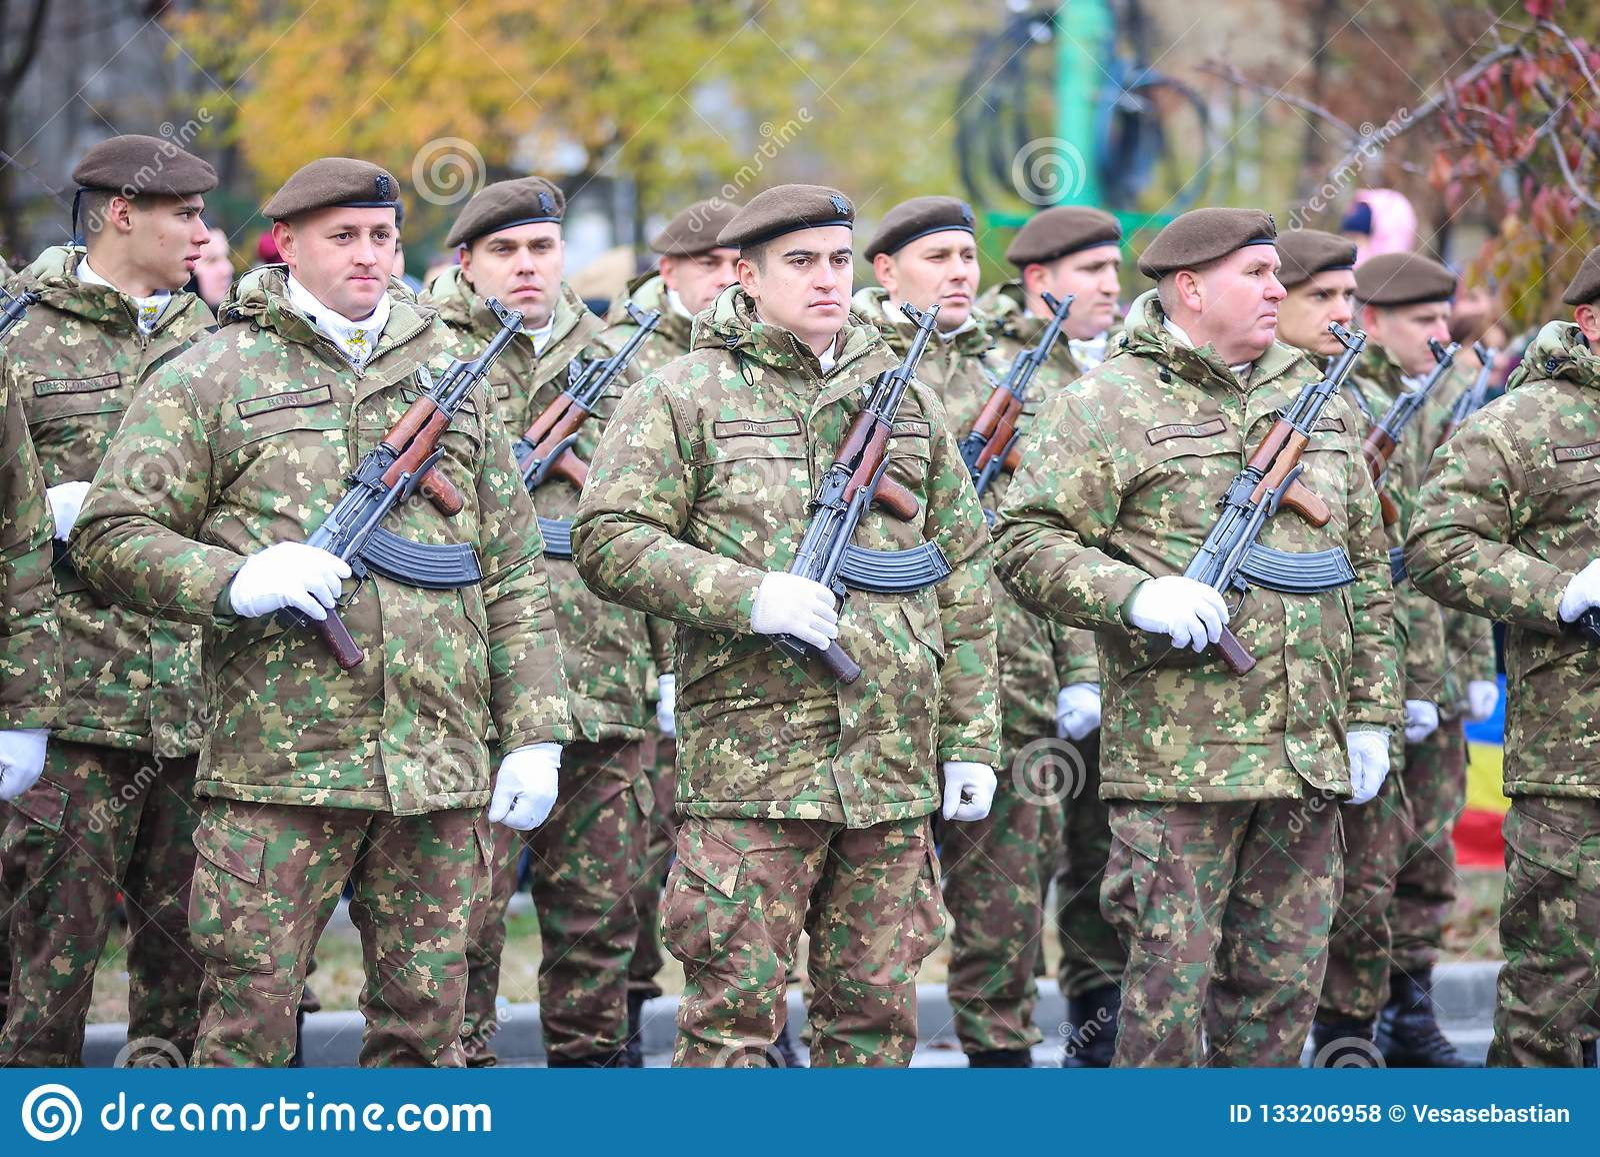 12/01/2018 - Formaciones militares que celebran el día nacional rumano en Timisoara, Rumania